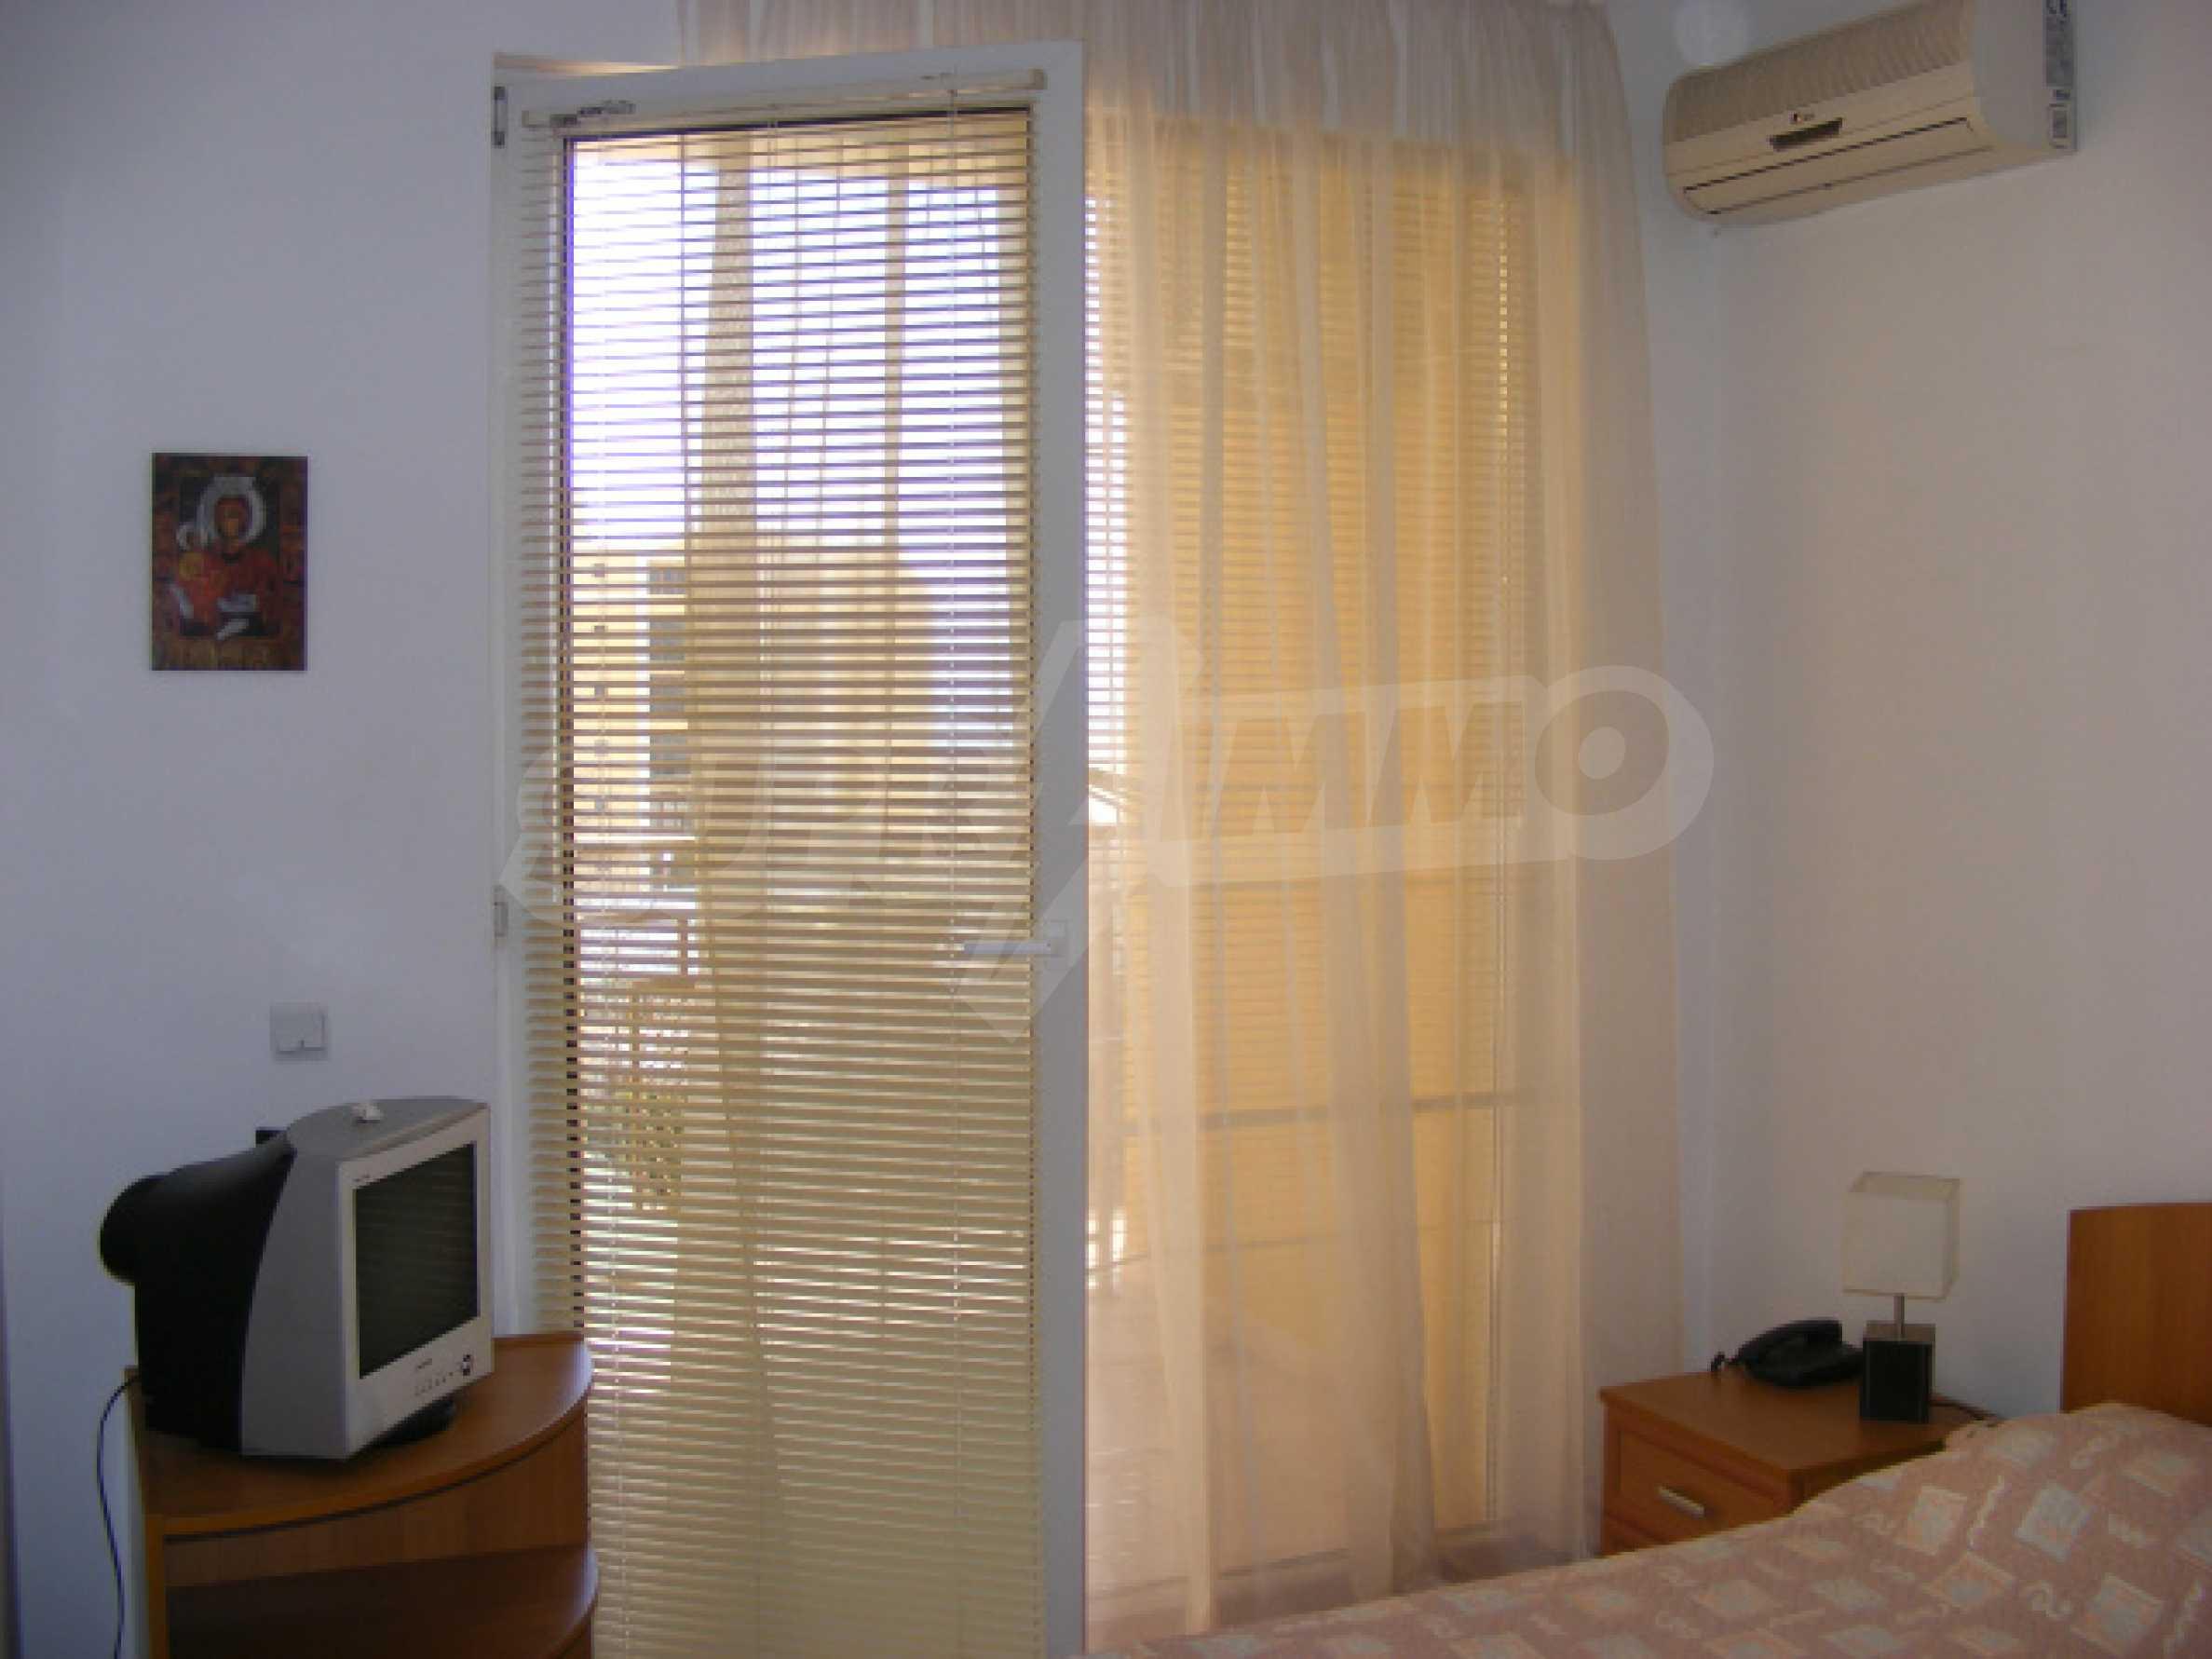 Komplett möbliertes Apartment mit 1 Schlafzimmer in Sunny Beach Goldener Sand, mit Meerblick 13